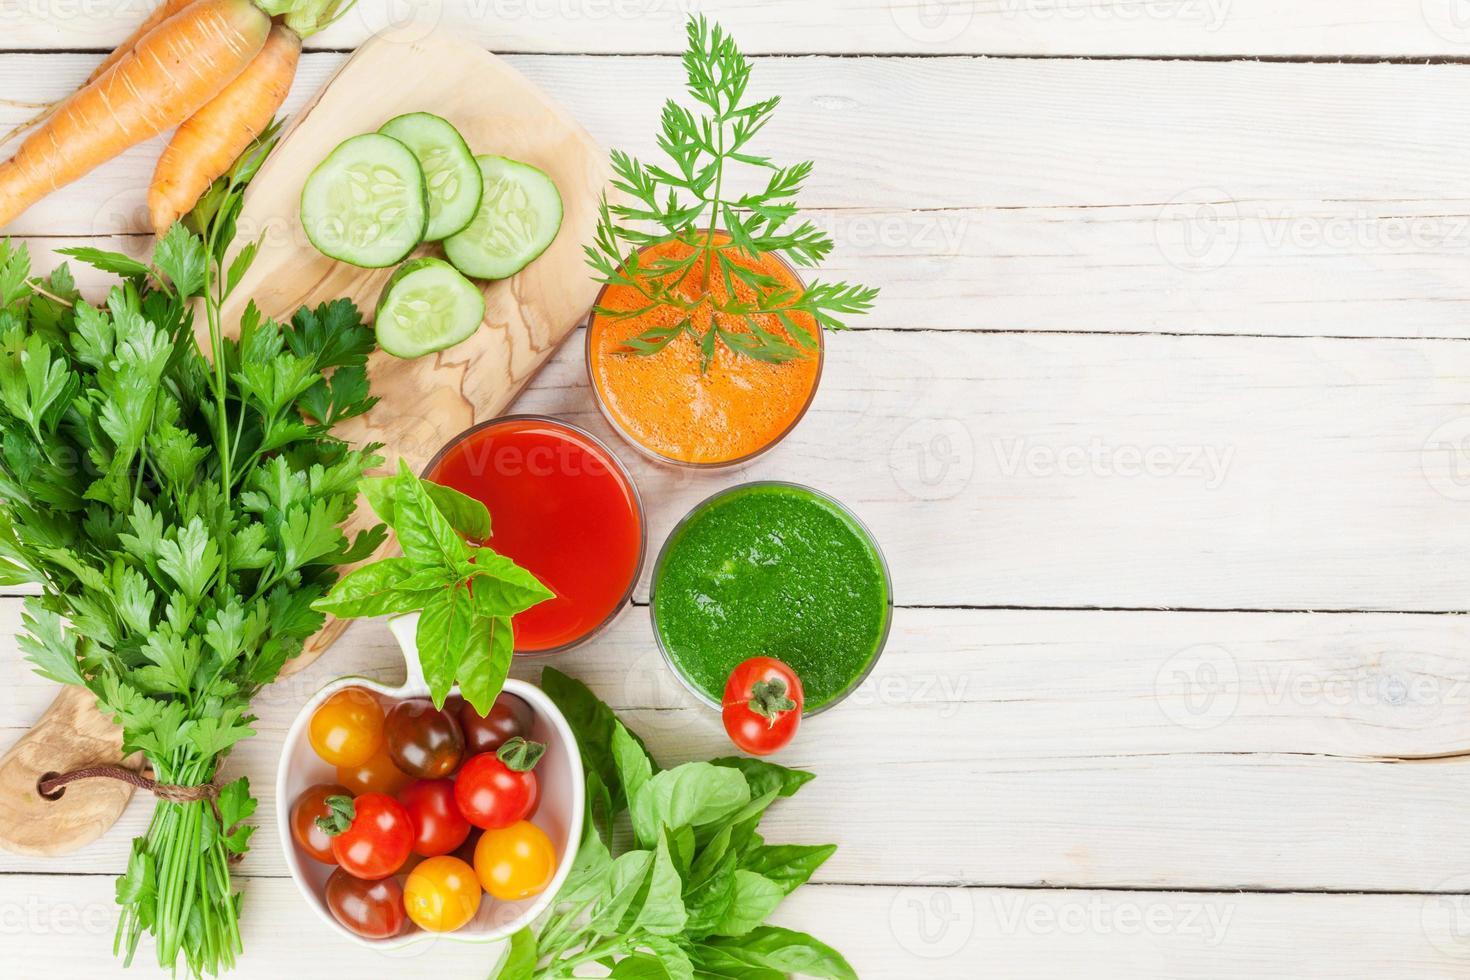 batido de vegetais frescos. tomate, pepino, cenoura foto